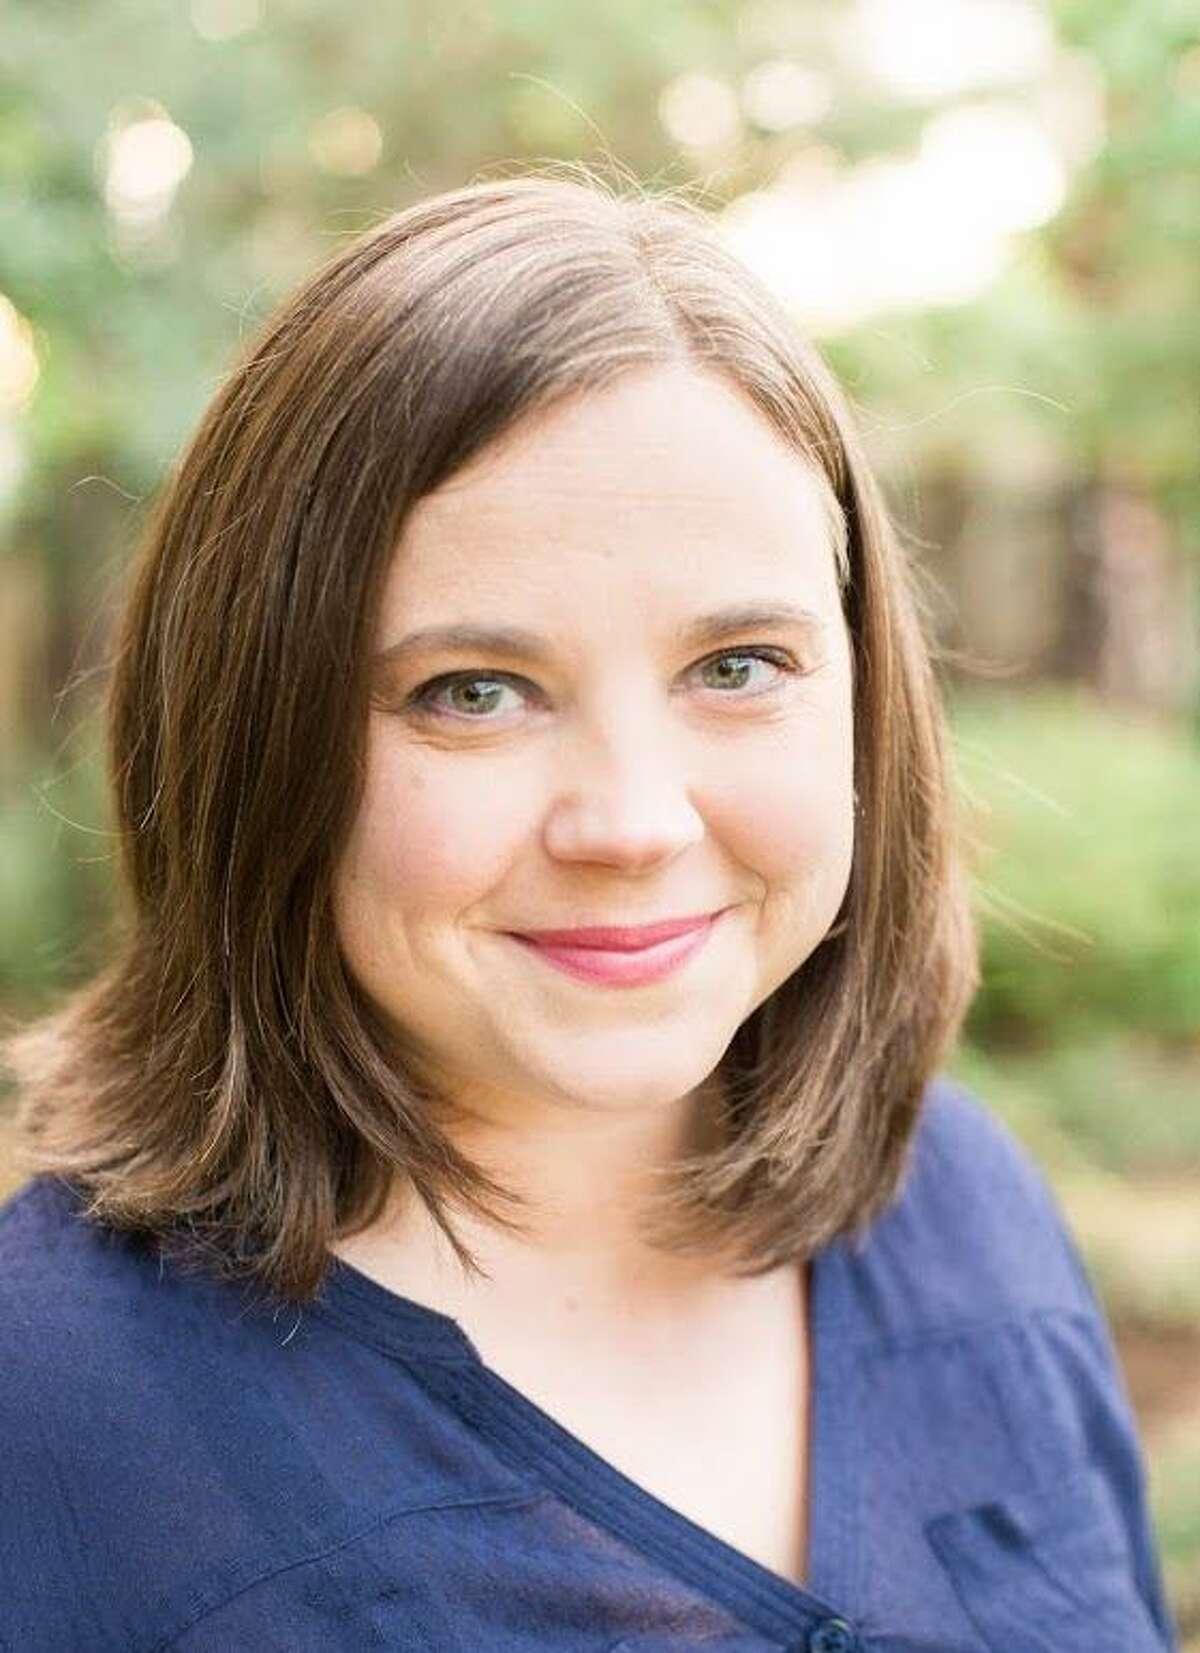 Adrienne Tinder